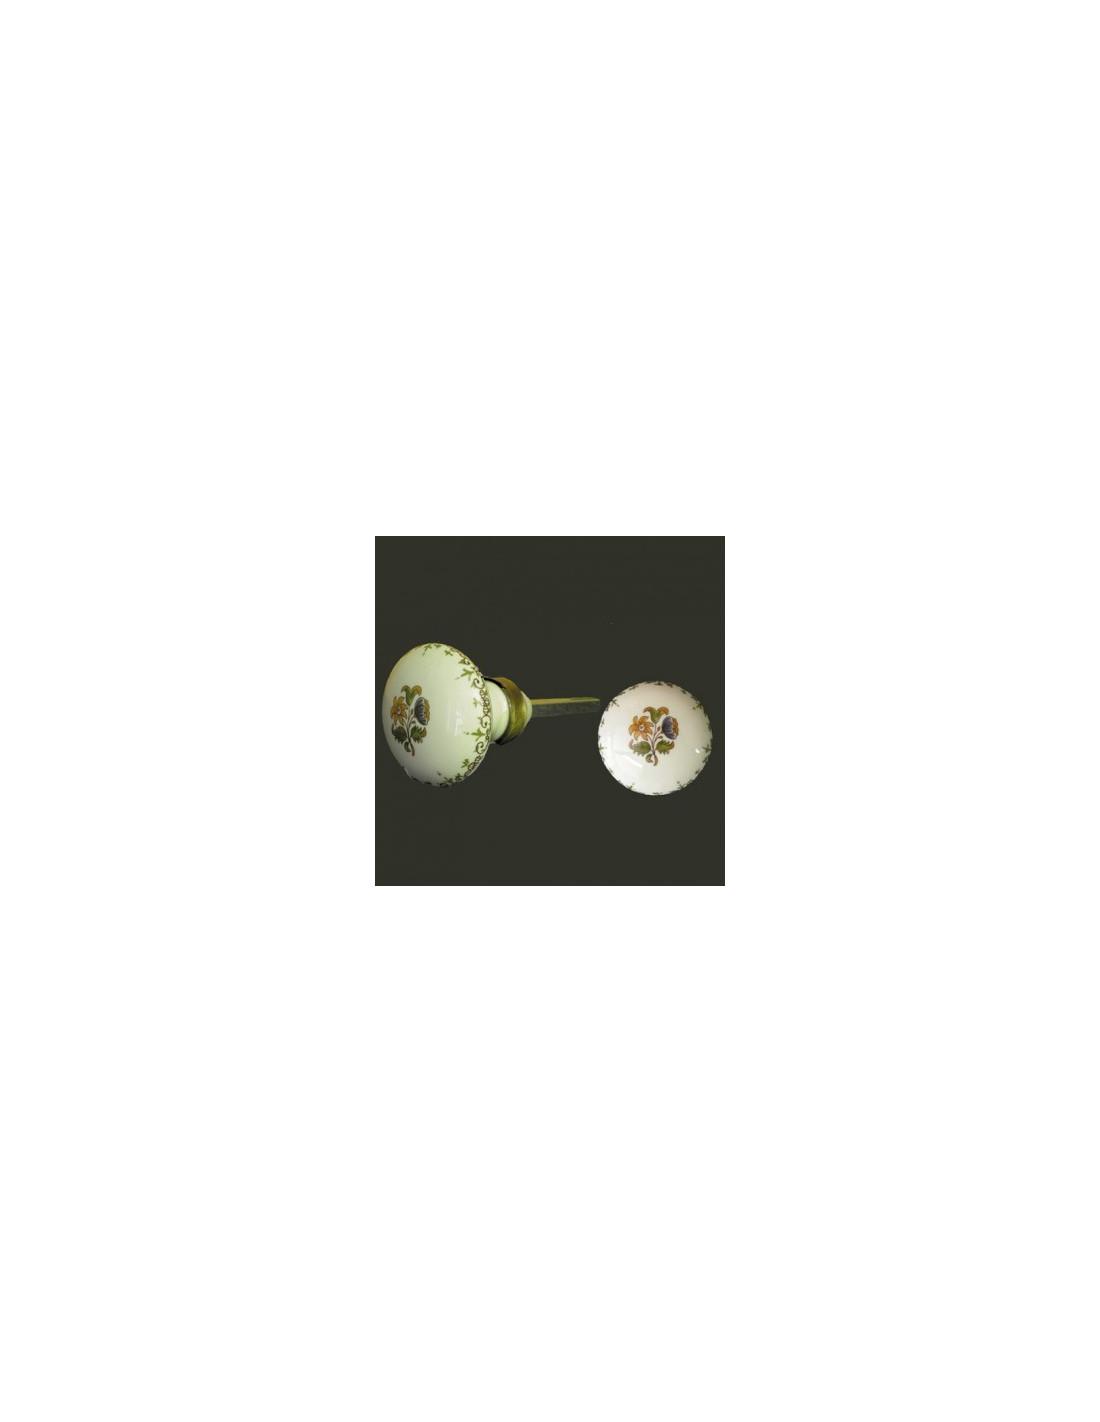 bouton poign e de porte et placard ronde en porcelaine d cor bouquet de fleurs polychrome. Black Bedroom Furniture Sets. Home Design Ideas